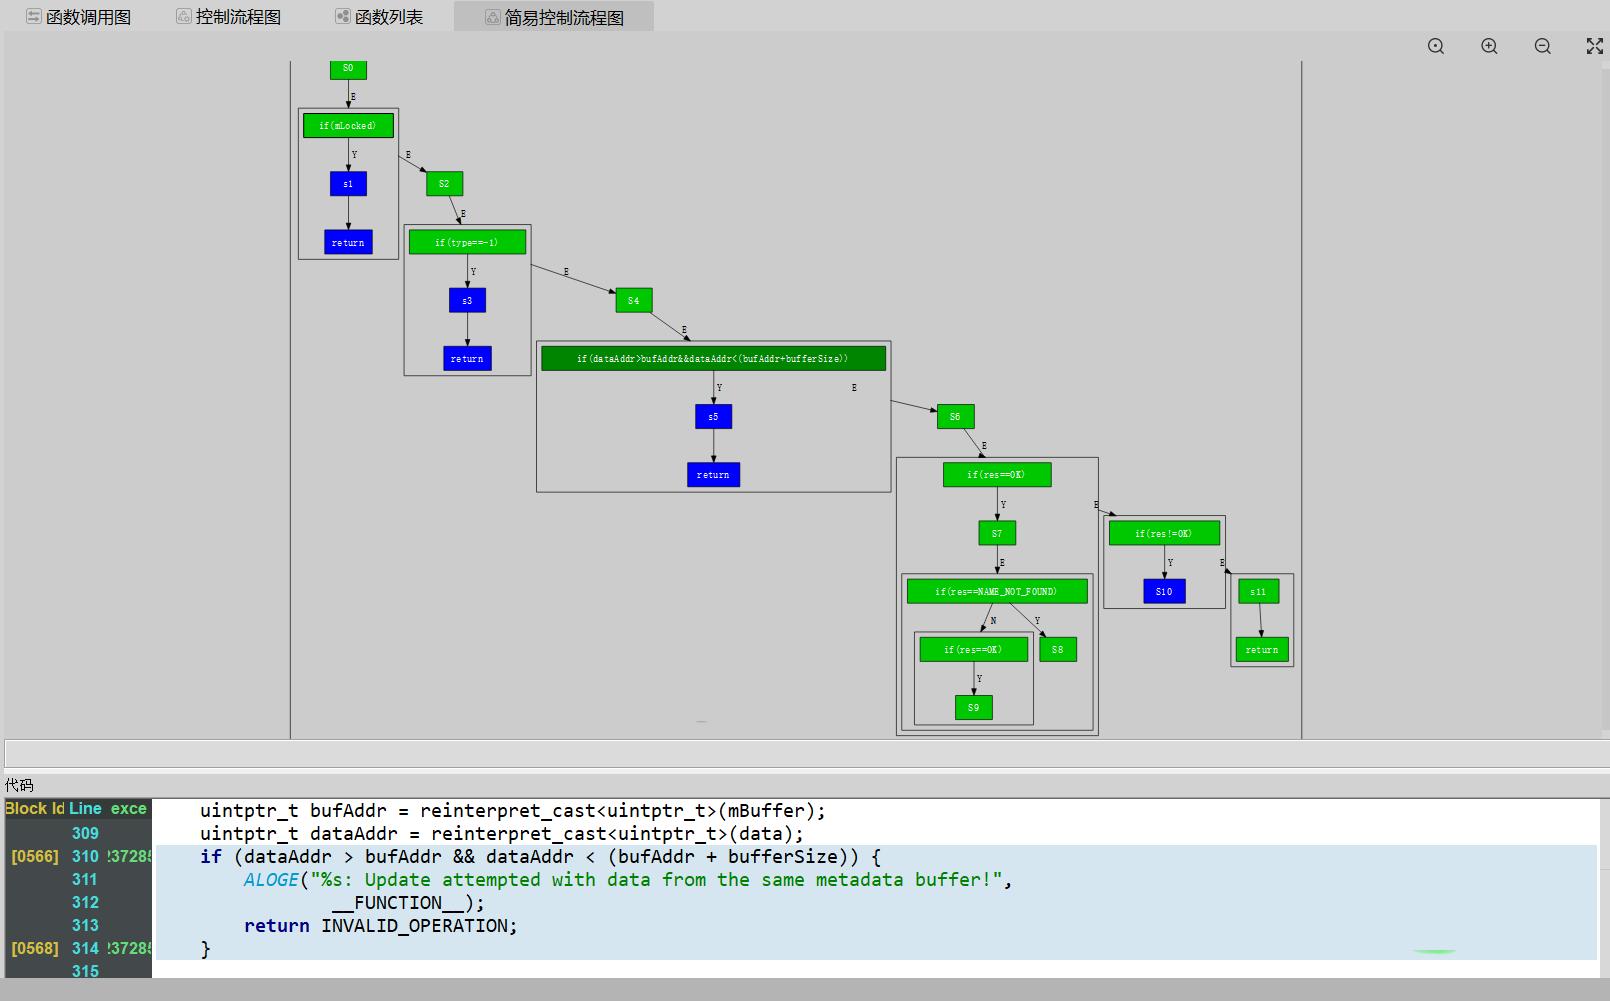 图 5.2.2-3源码静态结构与动态测试数据统一视图